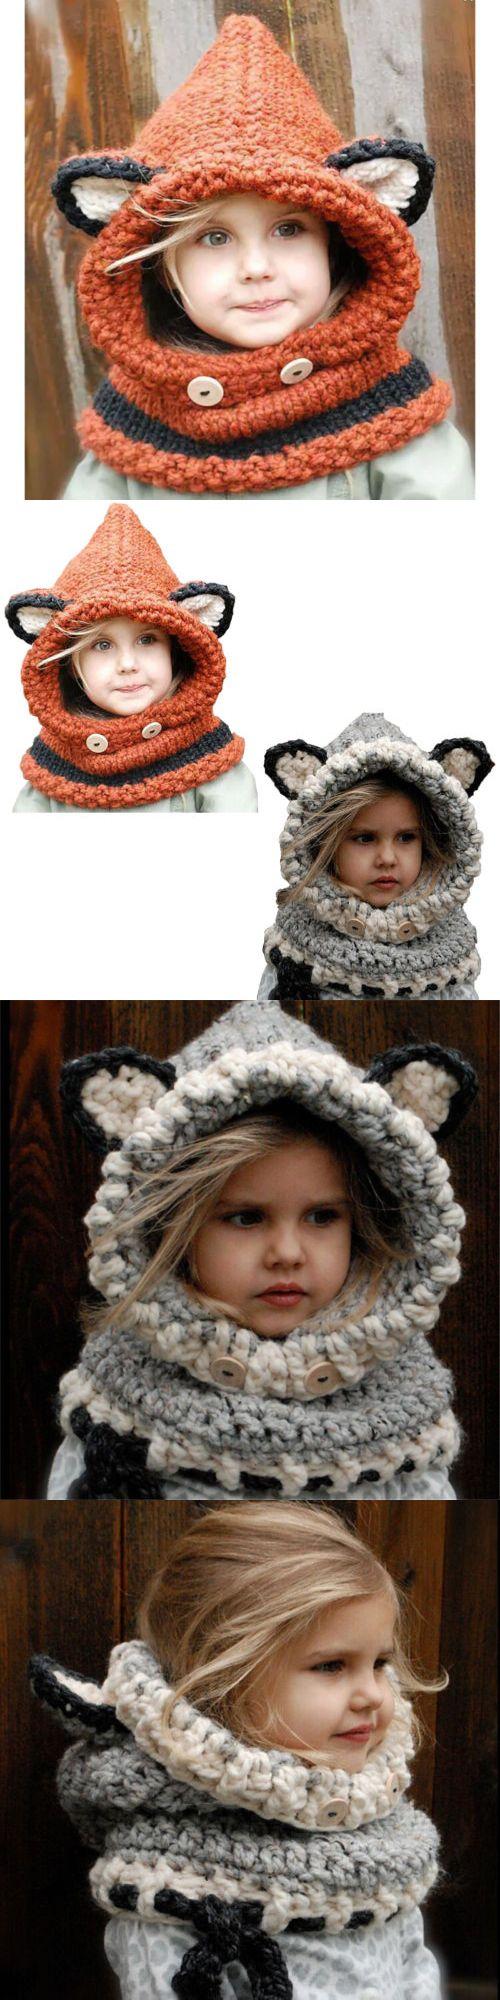 f4bc486a839 Hats 163224  Cute Baby Kids Winter Warm Fox Hat Cap Scarf Woolen Earflap  Hood Scarves Shawl -  BUY IT NOW ONLY   14 on  eBay  winter  scarf  woolen   earflap ...